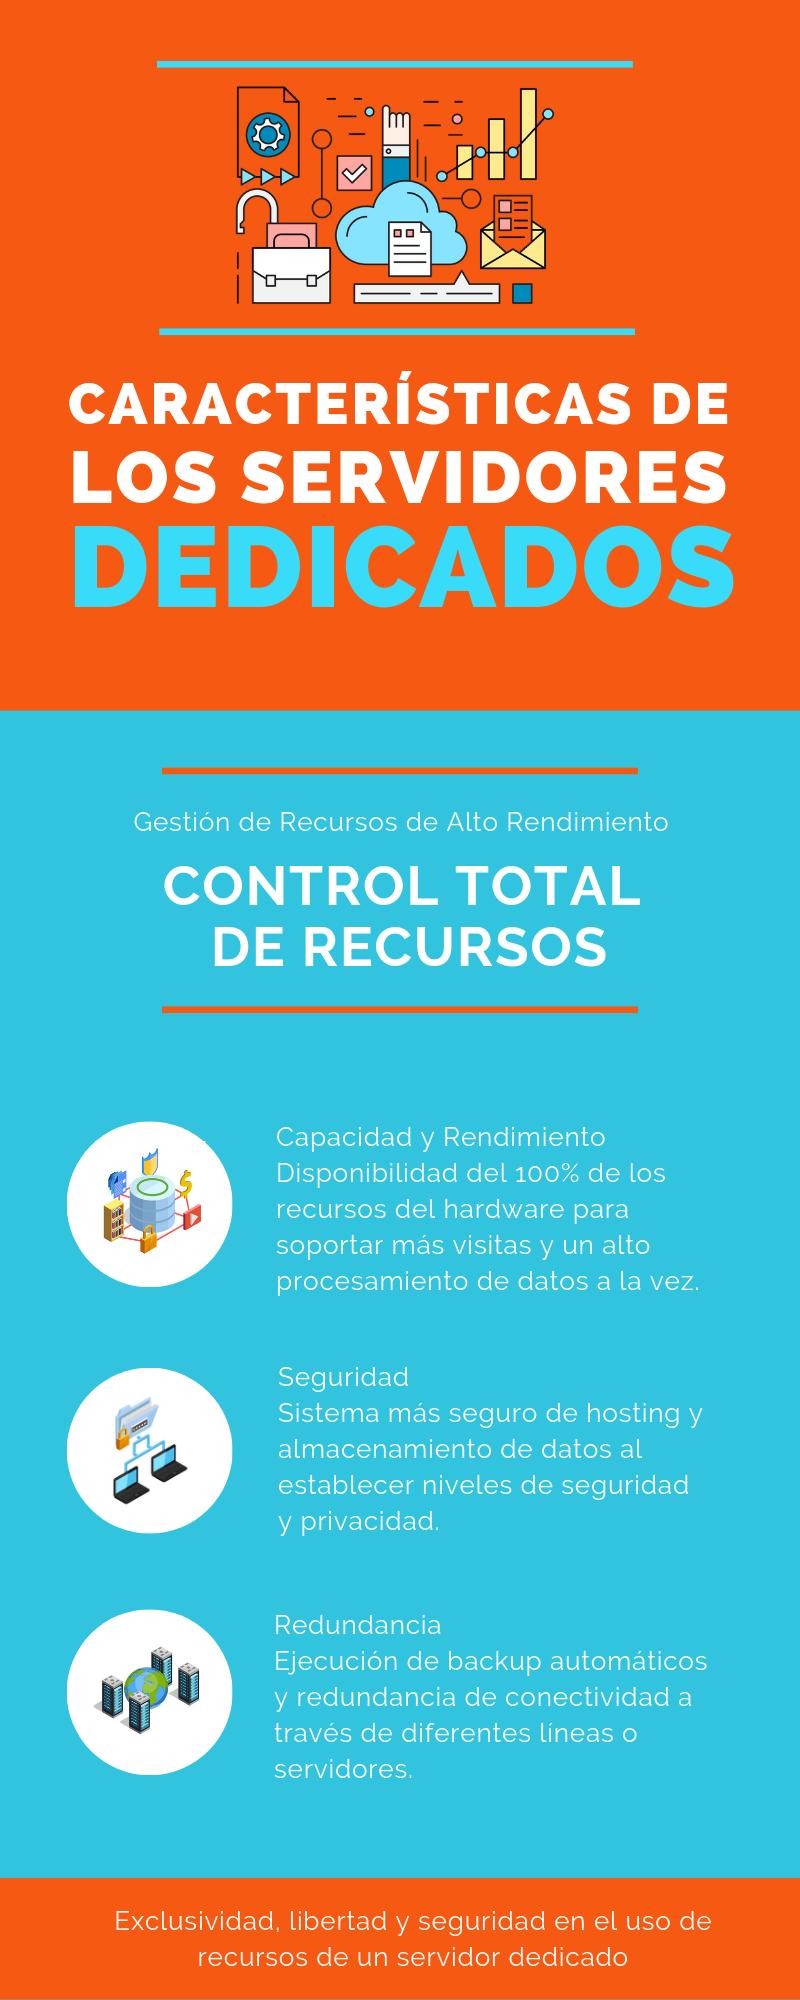 Servidores Dedicados, Control total de recursos